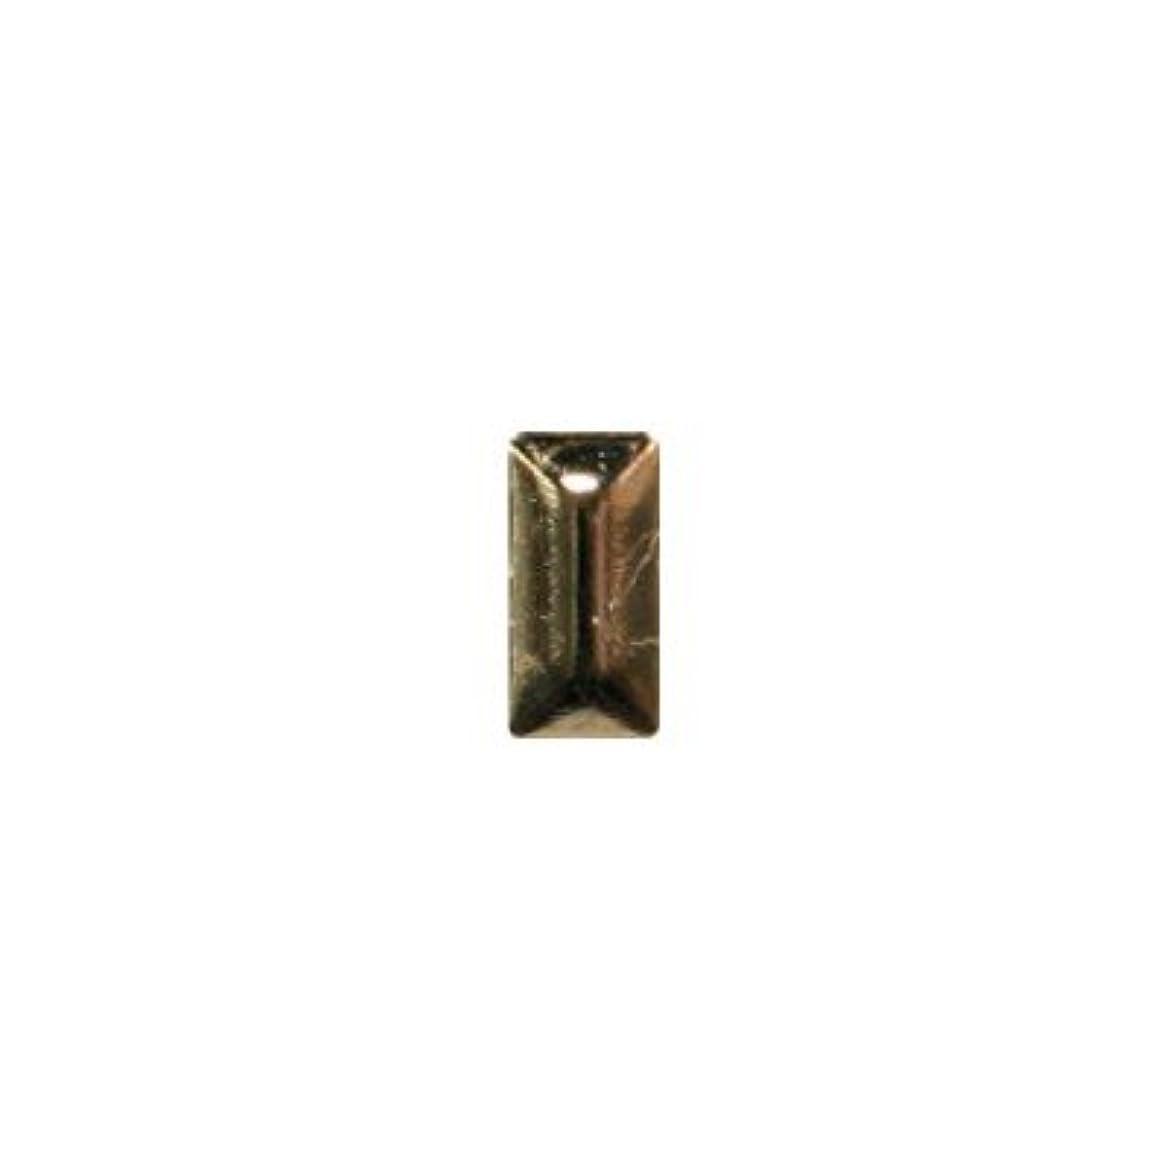 より誇りに思う持続するピアドラ スタッズ メタル長方形 2×4mm 50P ゴールド